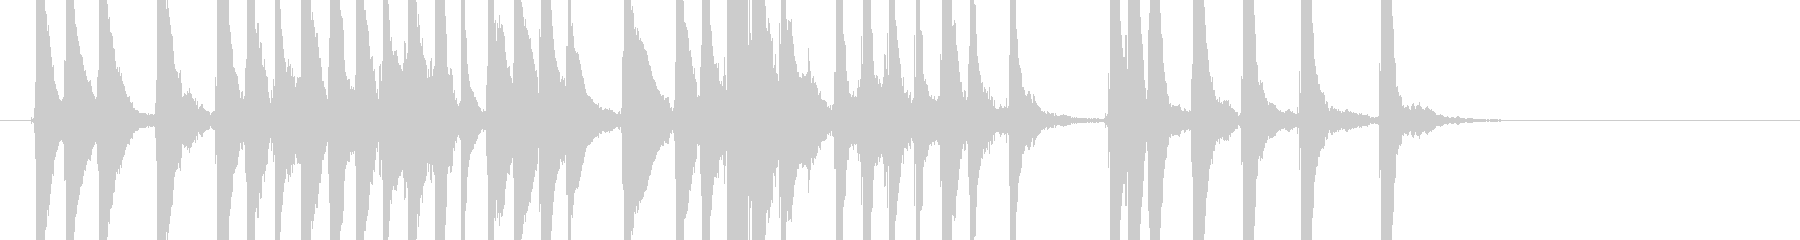 三味線117連獅子10乱序前歌舞伎生音和の未再生の波形